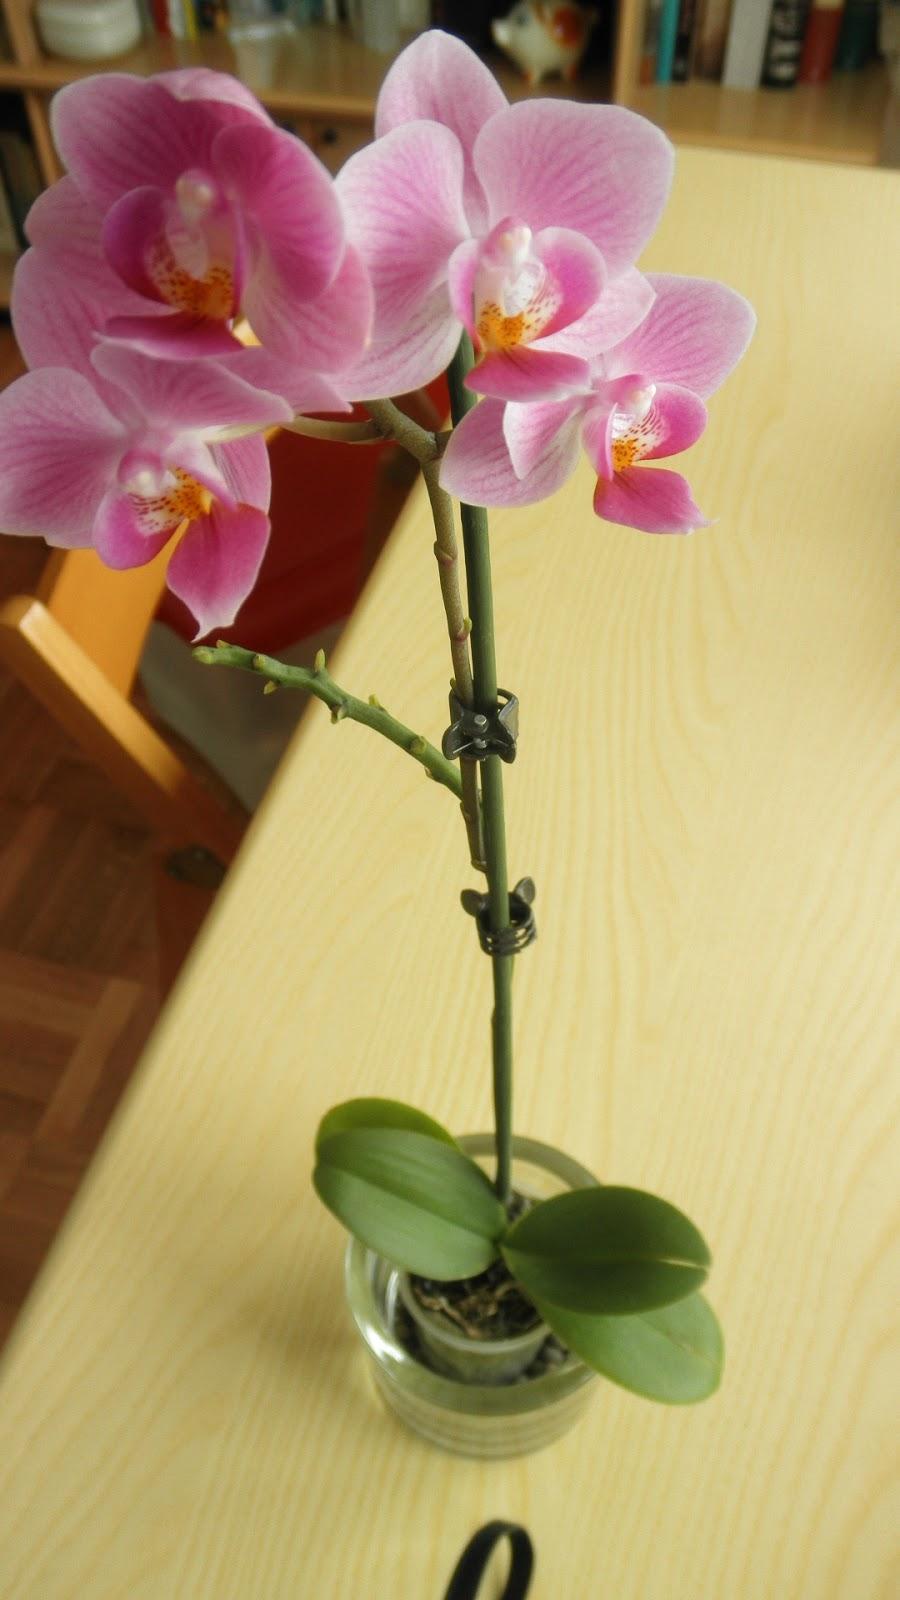 Myrtilla 39 shouse la maga di oz e l 39 ultima sua orchidea for Nuovo stelo orchidea